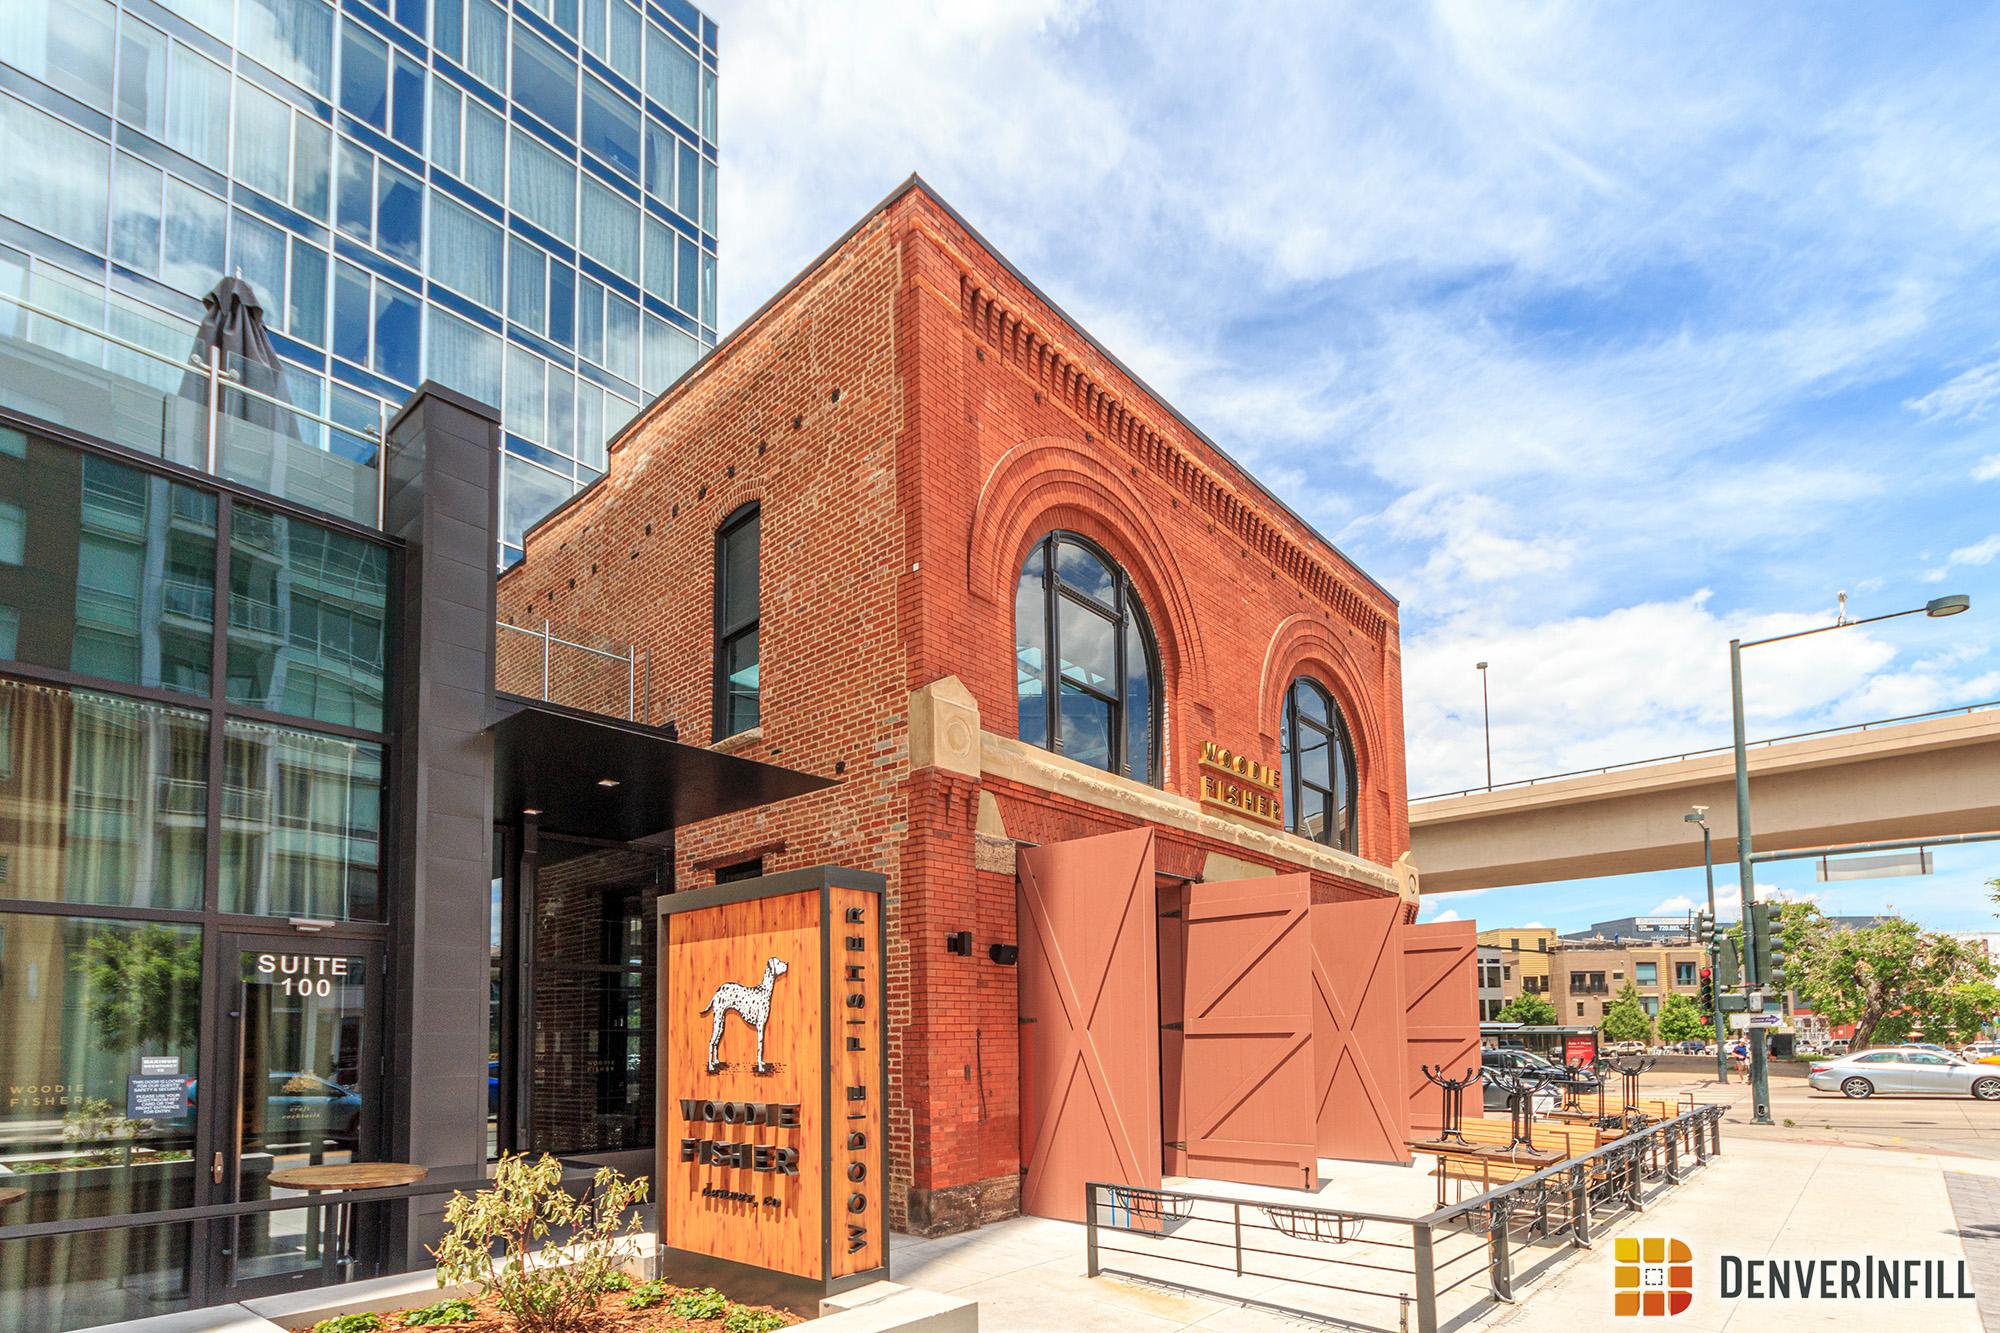 Hilton Garden Inn DUS - Historic Denver Hose Co